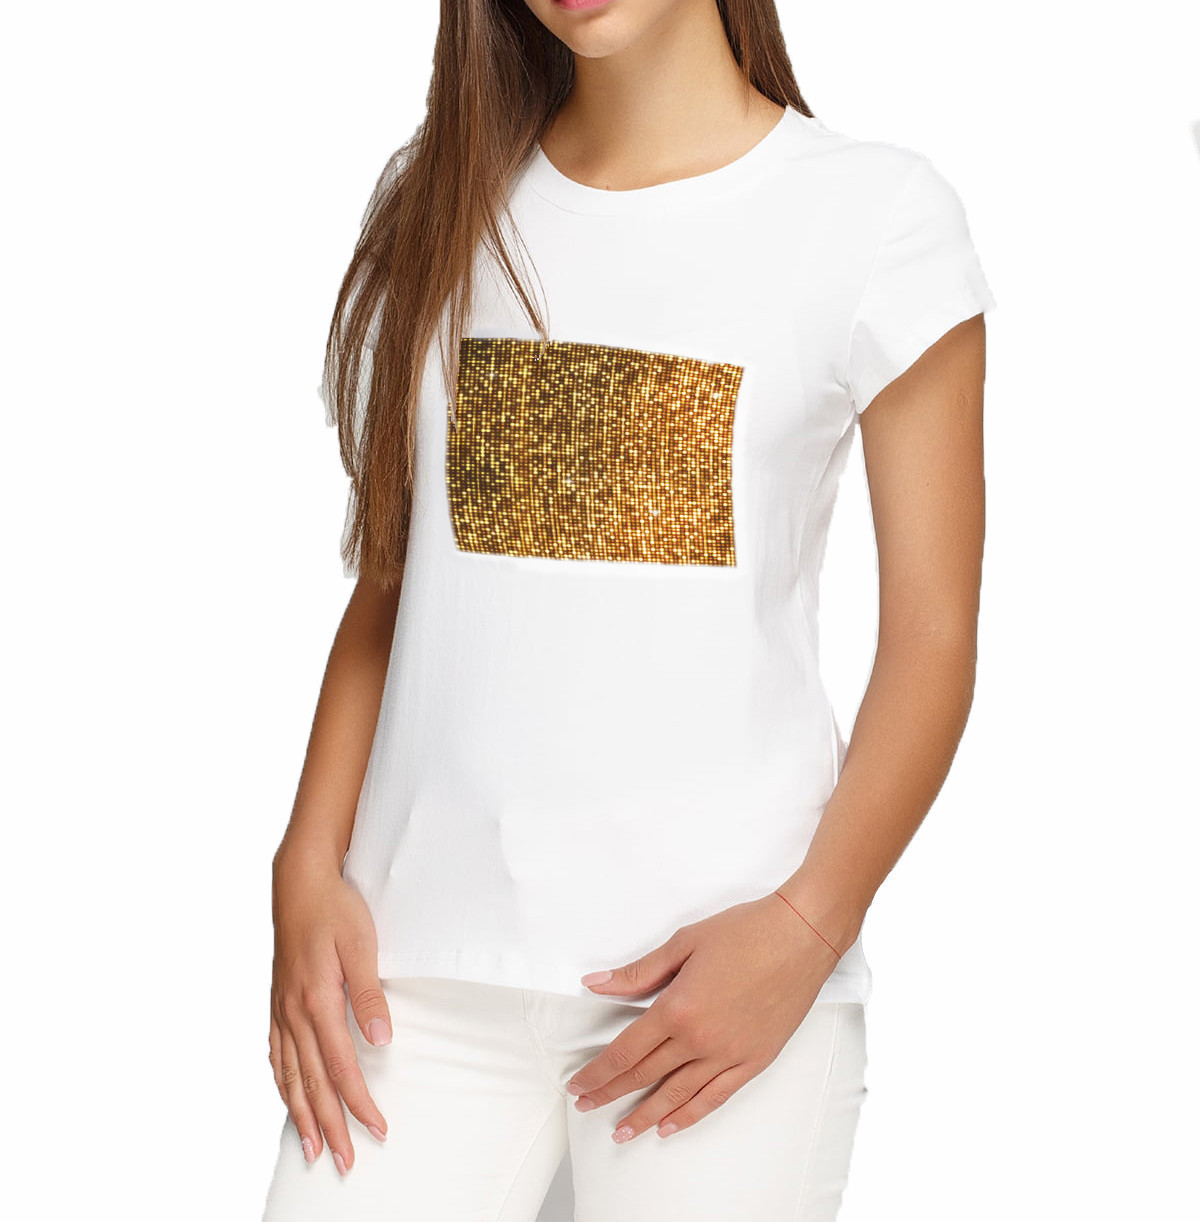 Женская футболка XL с пайетками цв. ЗОЛОТОЙ под сублимацию